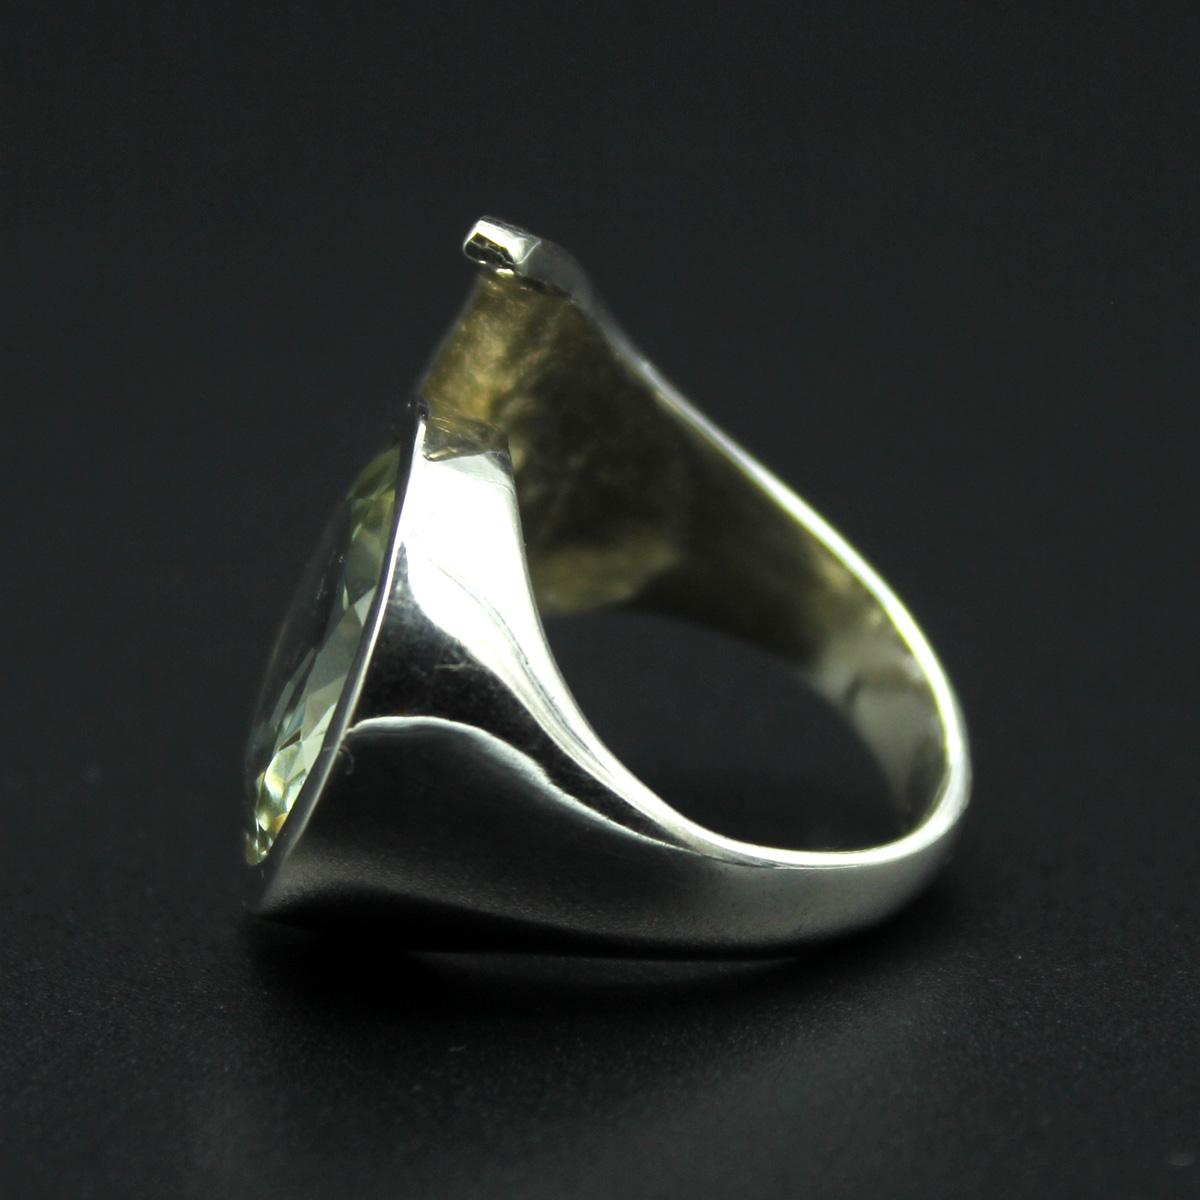 Кольцо, серебро, натуральный камень, 10.96 грамм, проба 925, размер 17.5